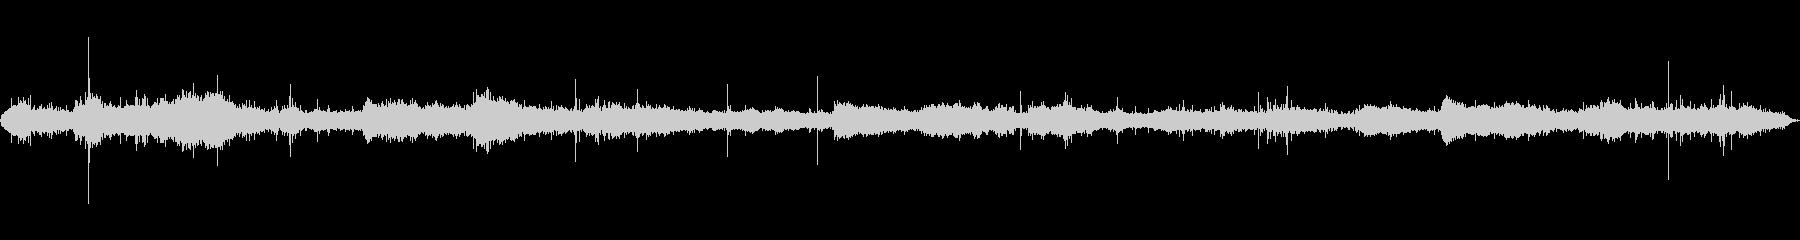 波の音を近距離で録音したものの未再生の波形